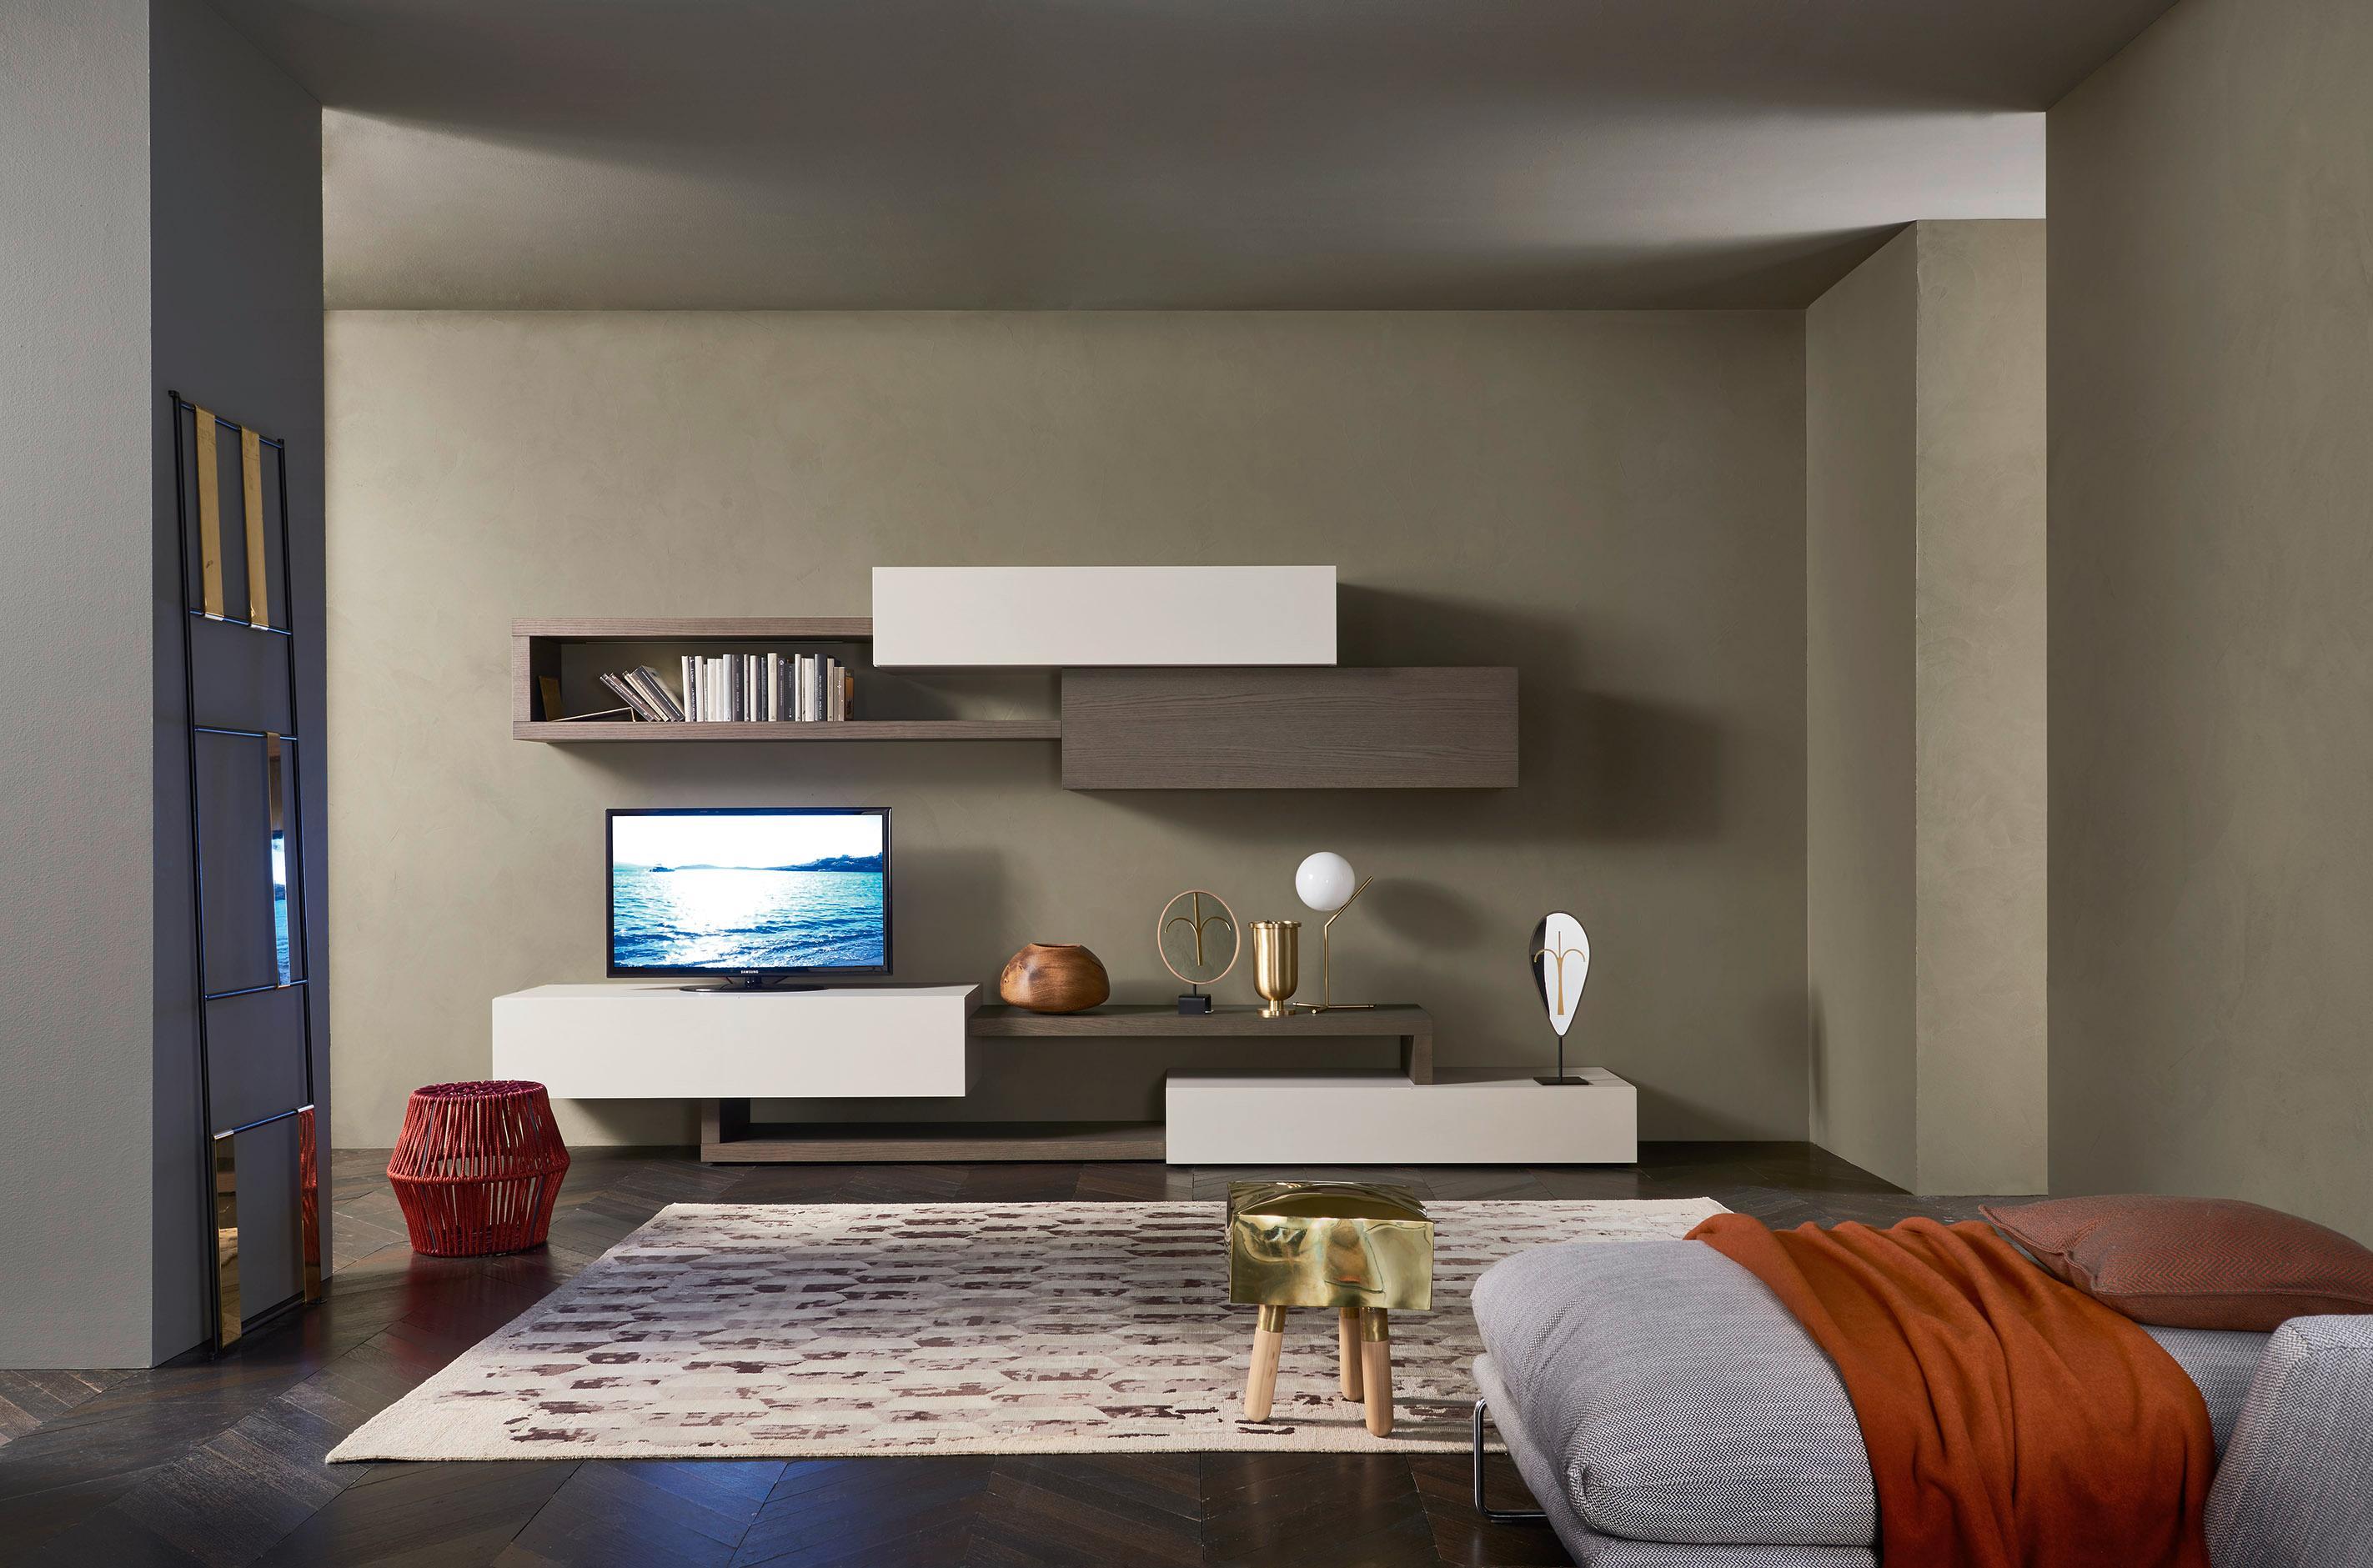 Wohnzimmerwand bilder ideen couchstyle for Wohnzimmerwand ideen